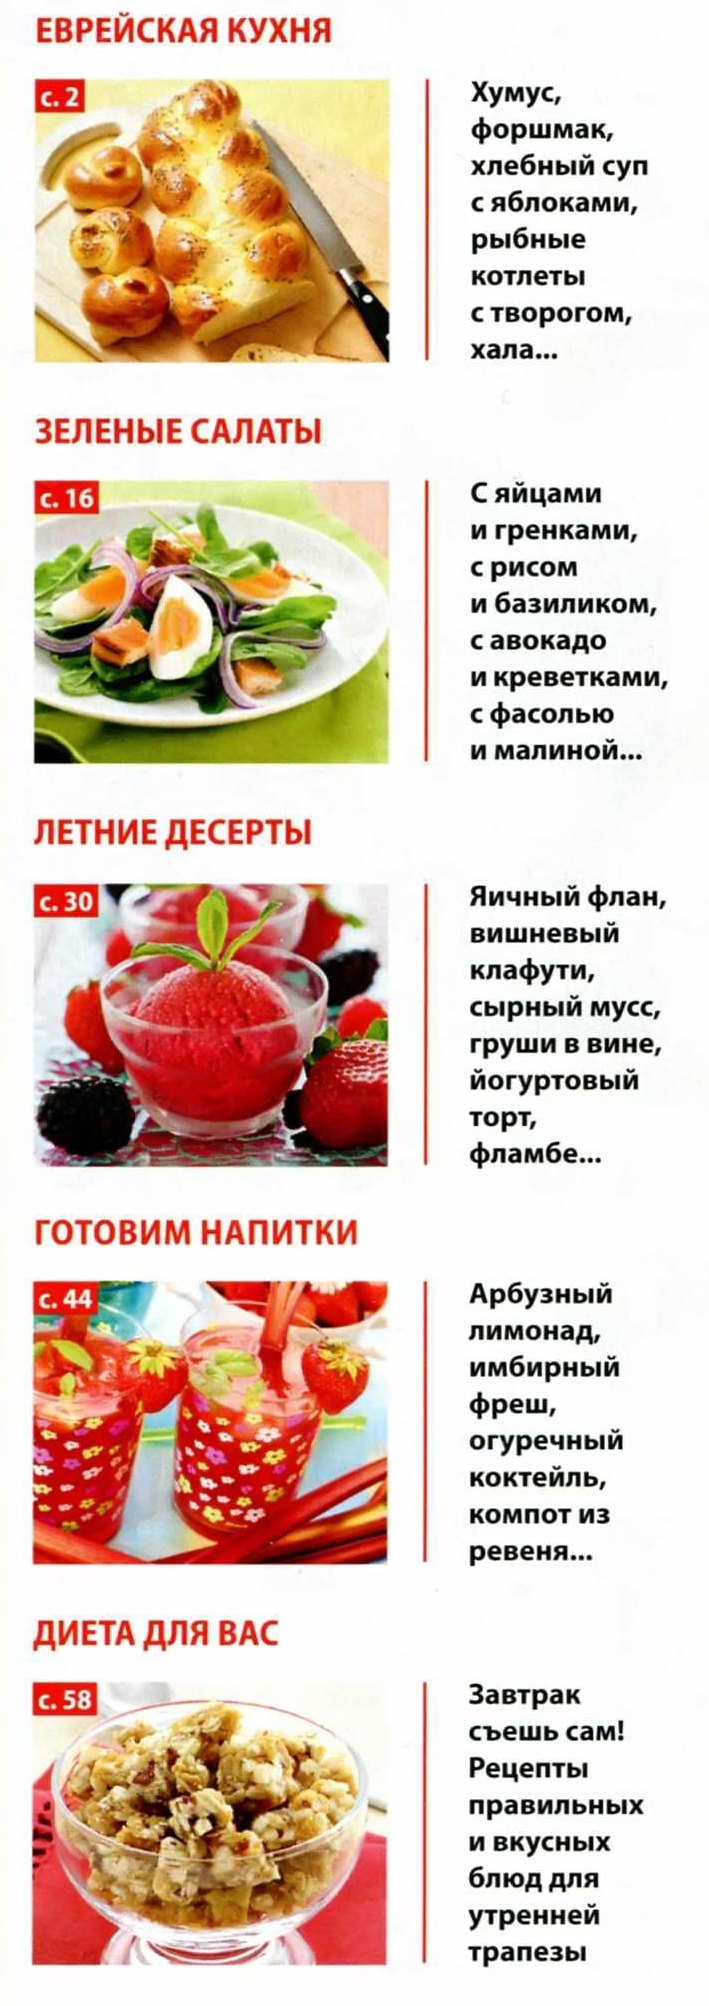 Рецепты от мастер класса